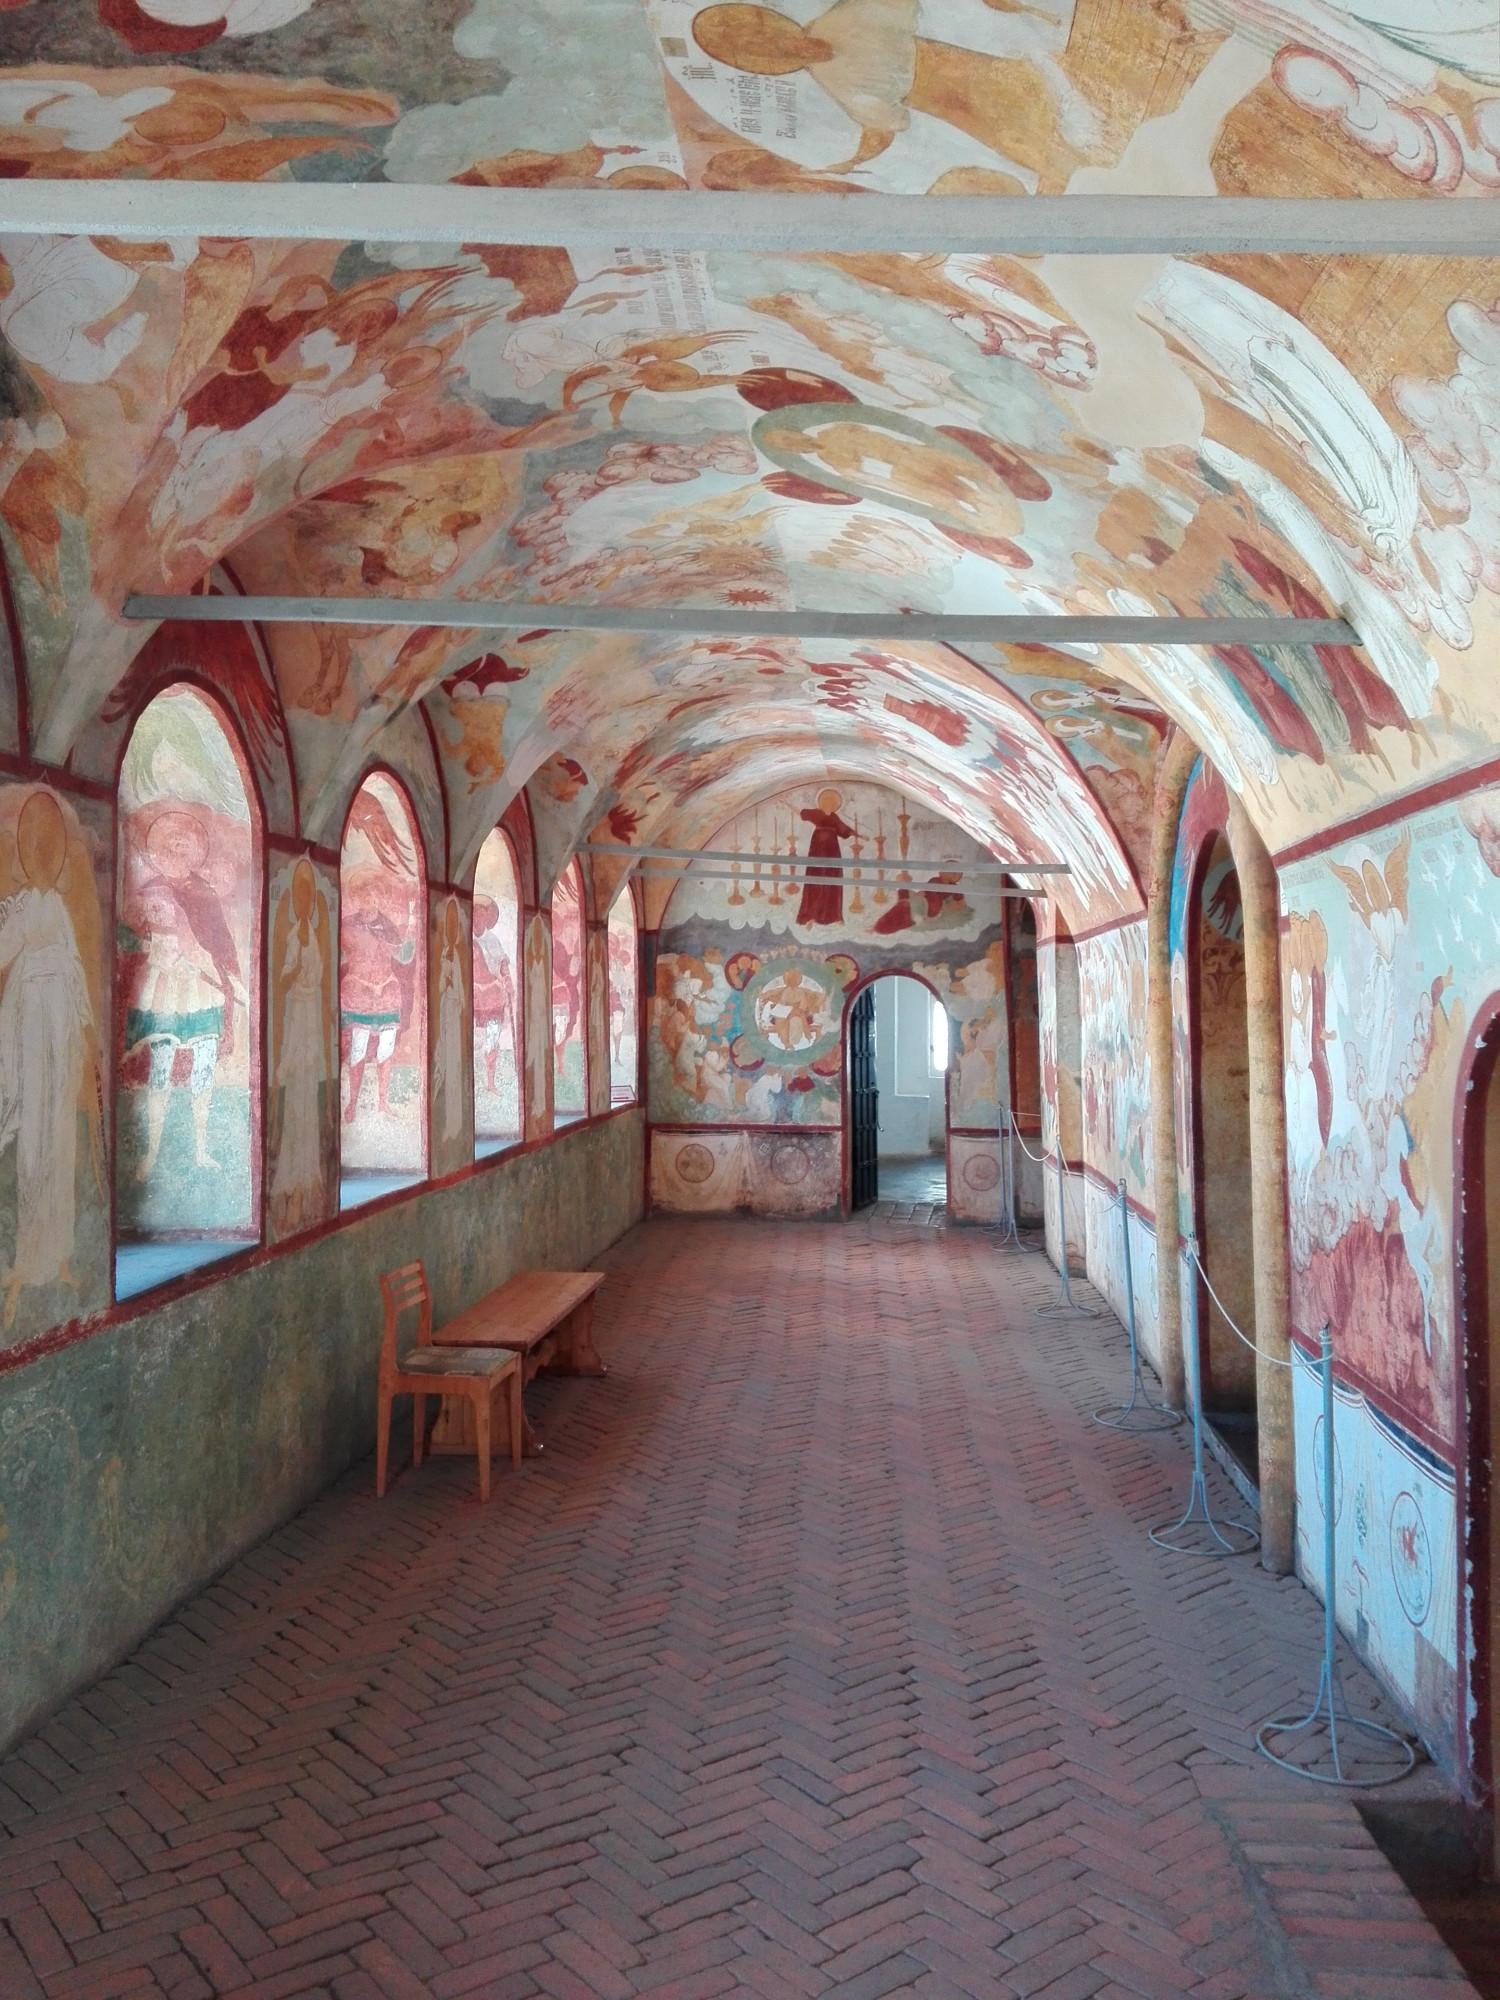 Проходя по галереям стен, можно заглянуть в рядом расположенные церкви.